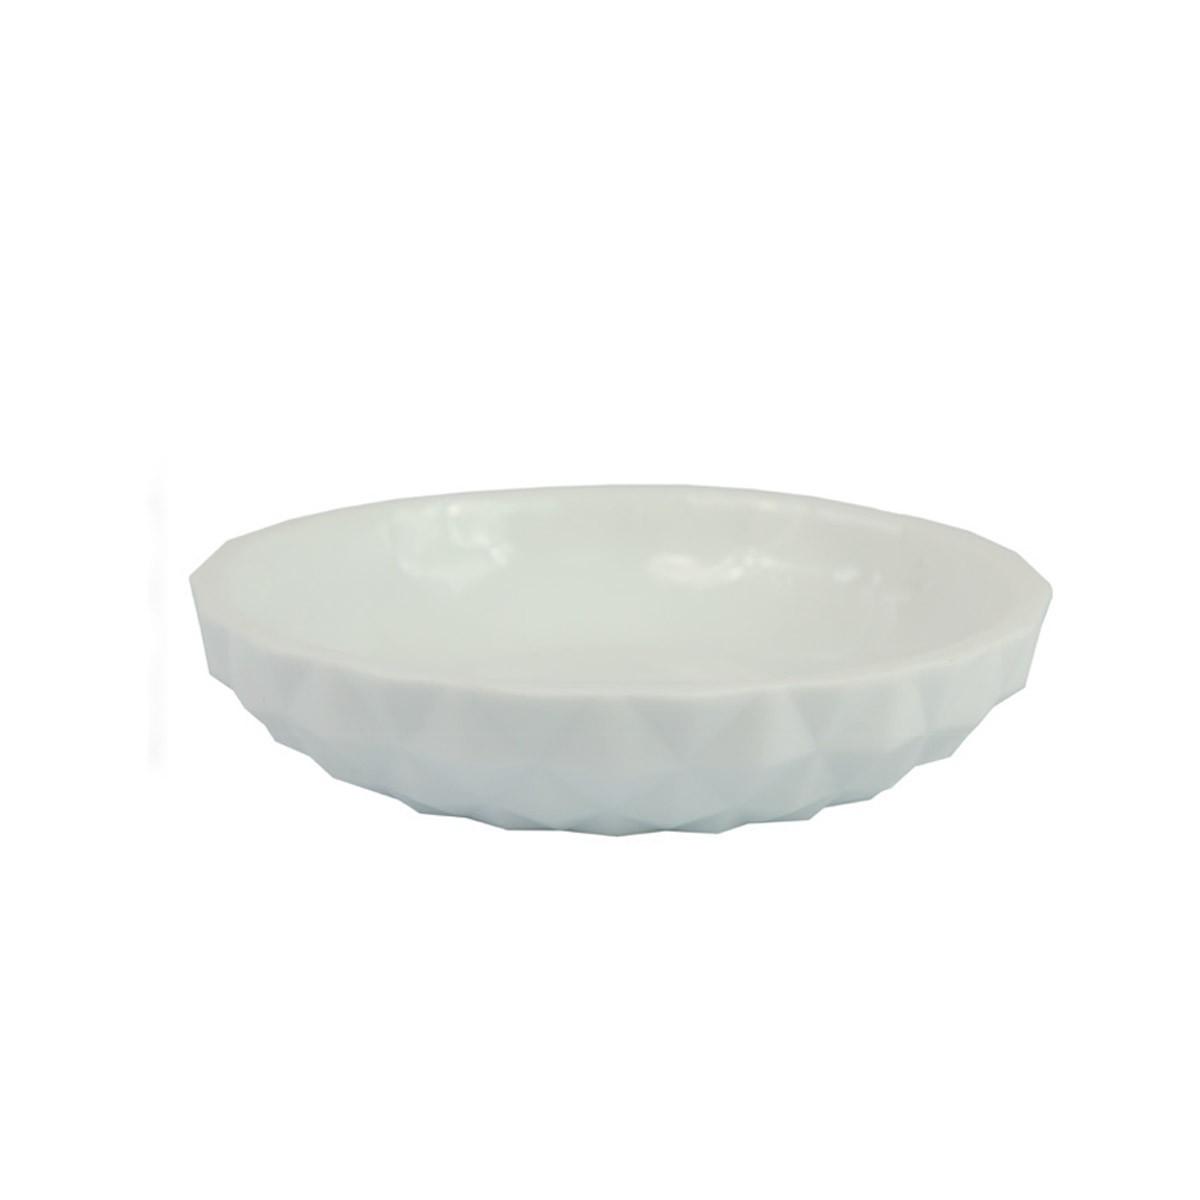 Σαπουνοθήκη Spirella Alison 02964 home   μπάνιο   αξεσουάρ μπάνιου